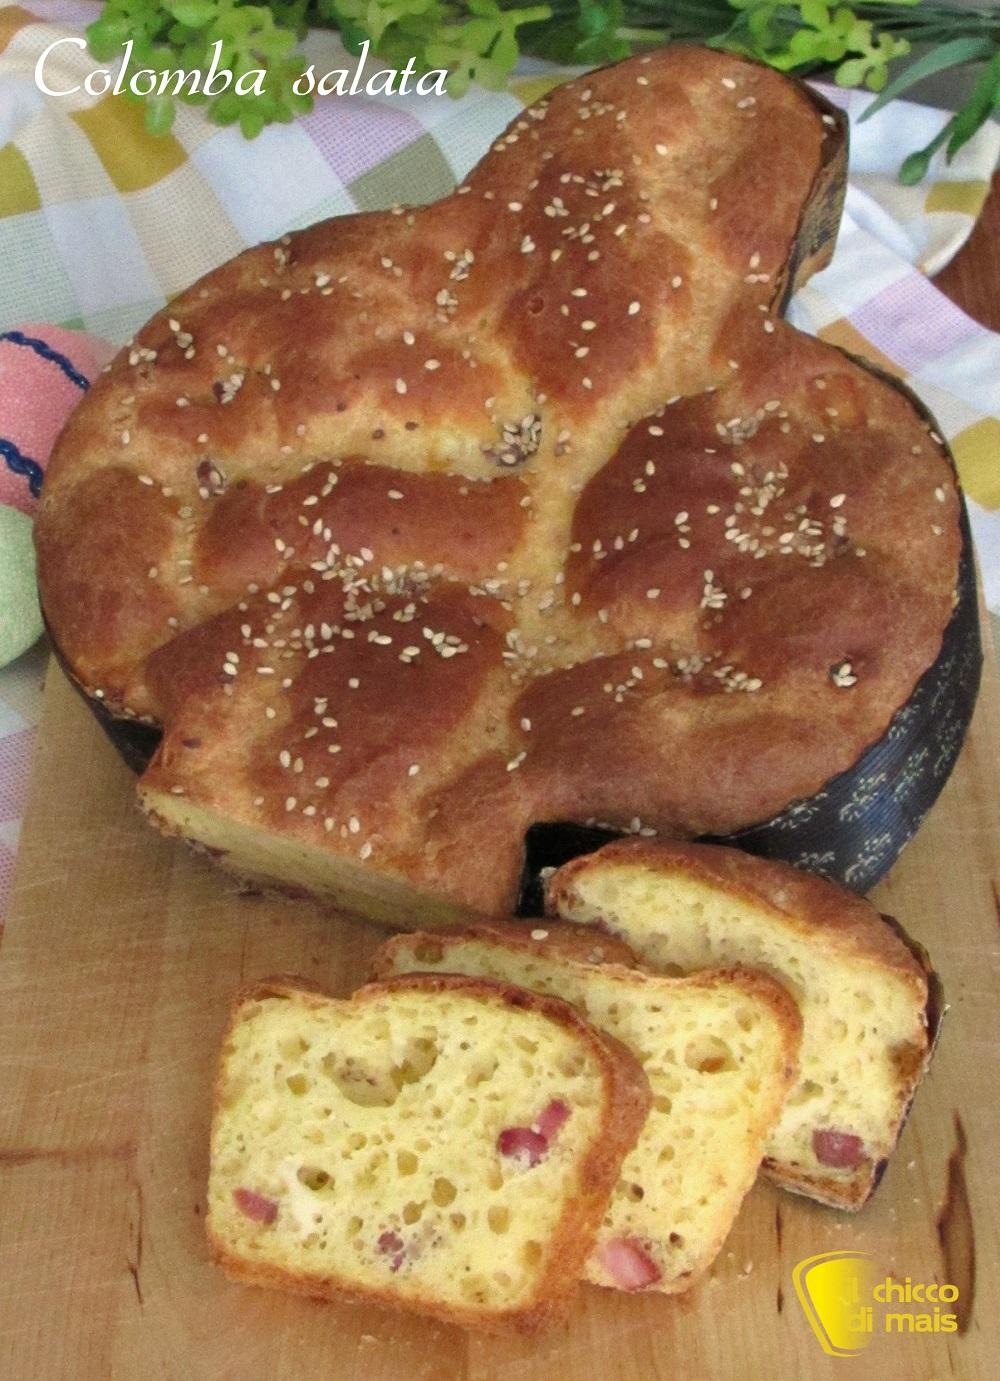 verticale_colomba salata con salumi e formaggi ricetta rustico di pasqua anche senza glutine il chicco di mais